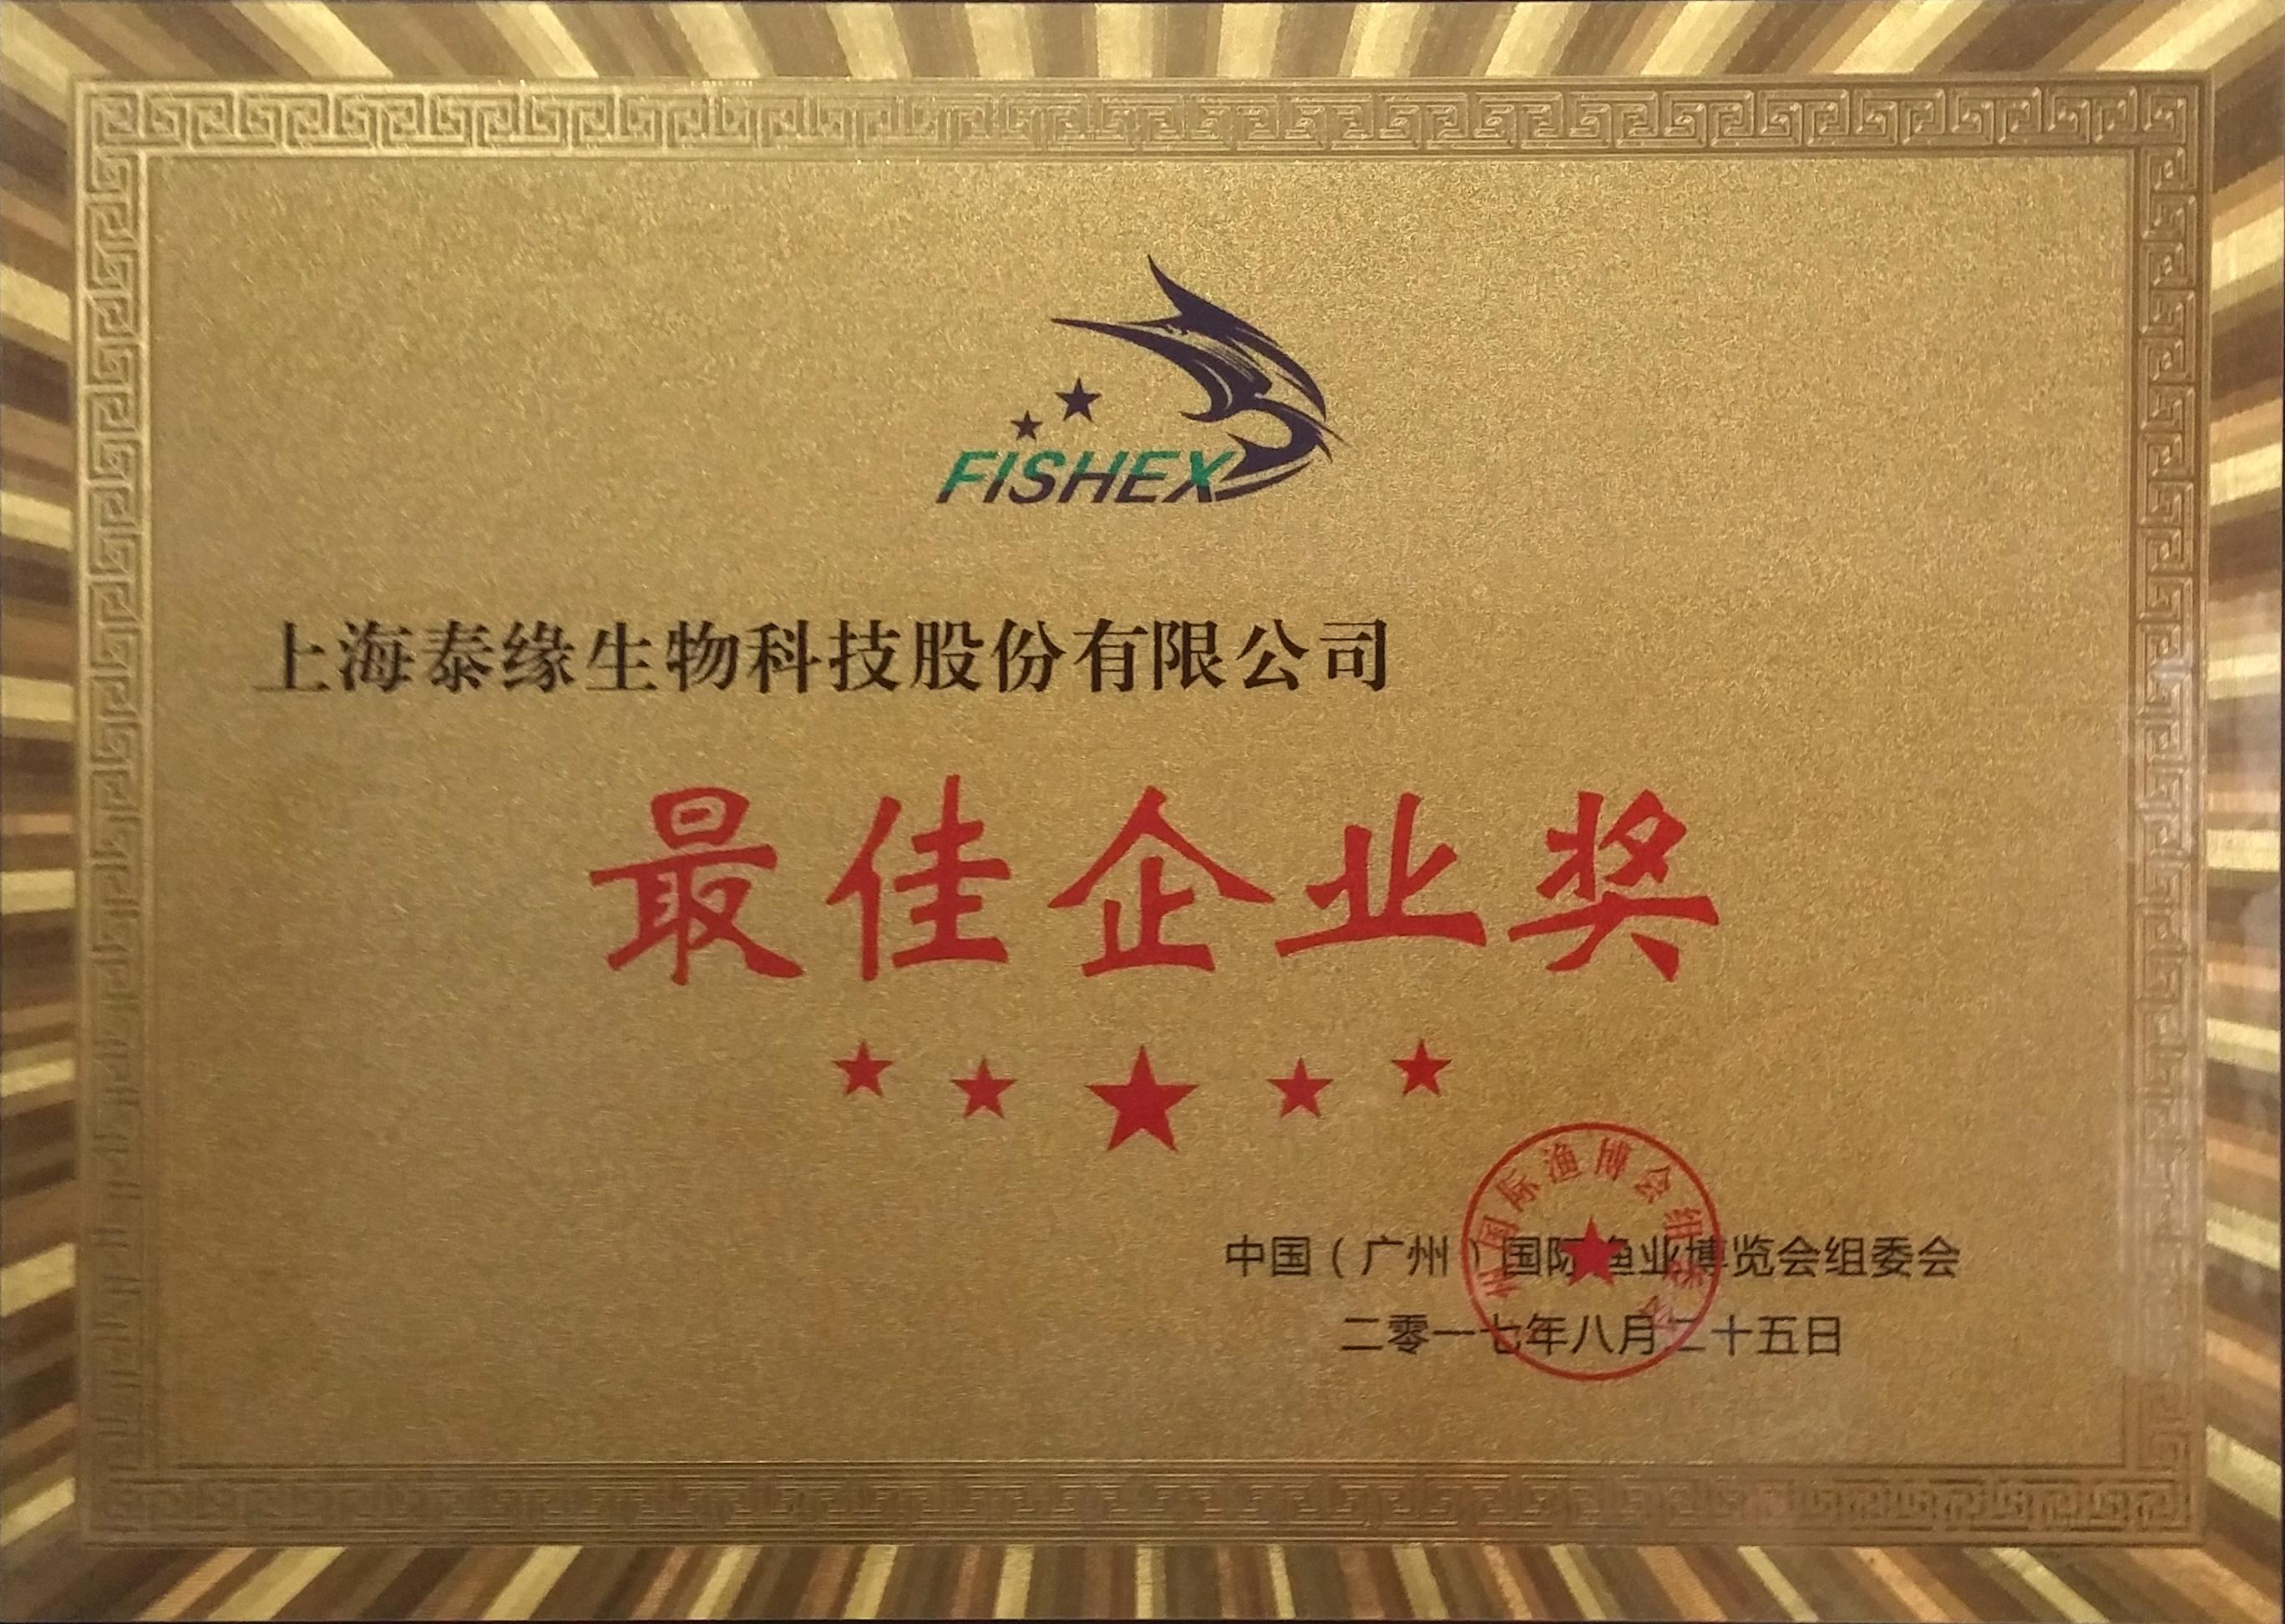 2017年国际渔业博览会*佳企业奖.jpg